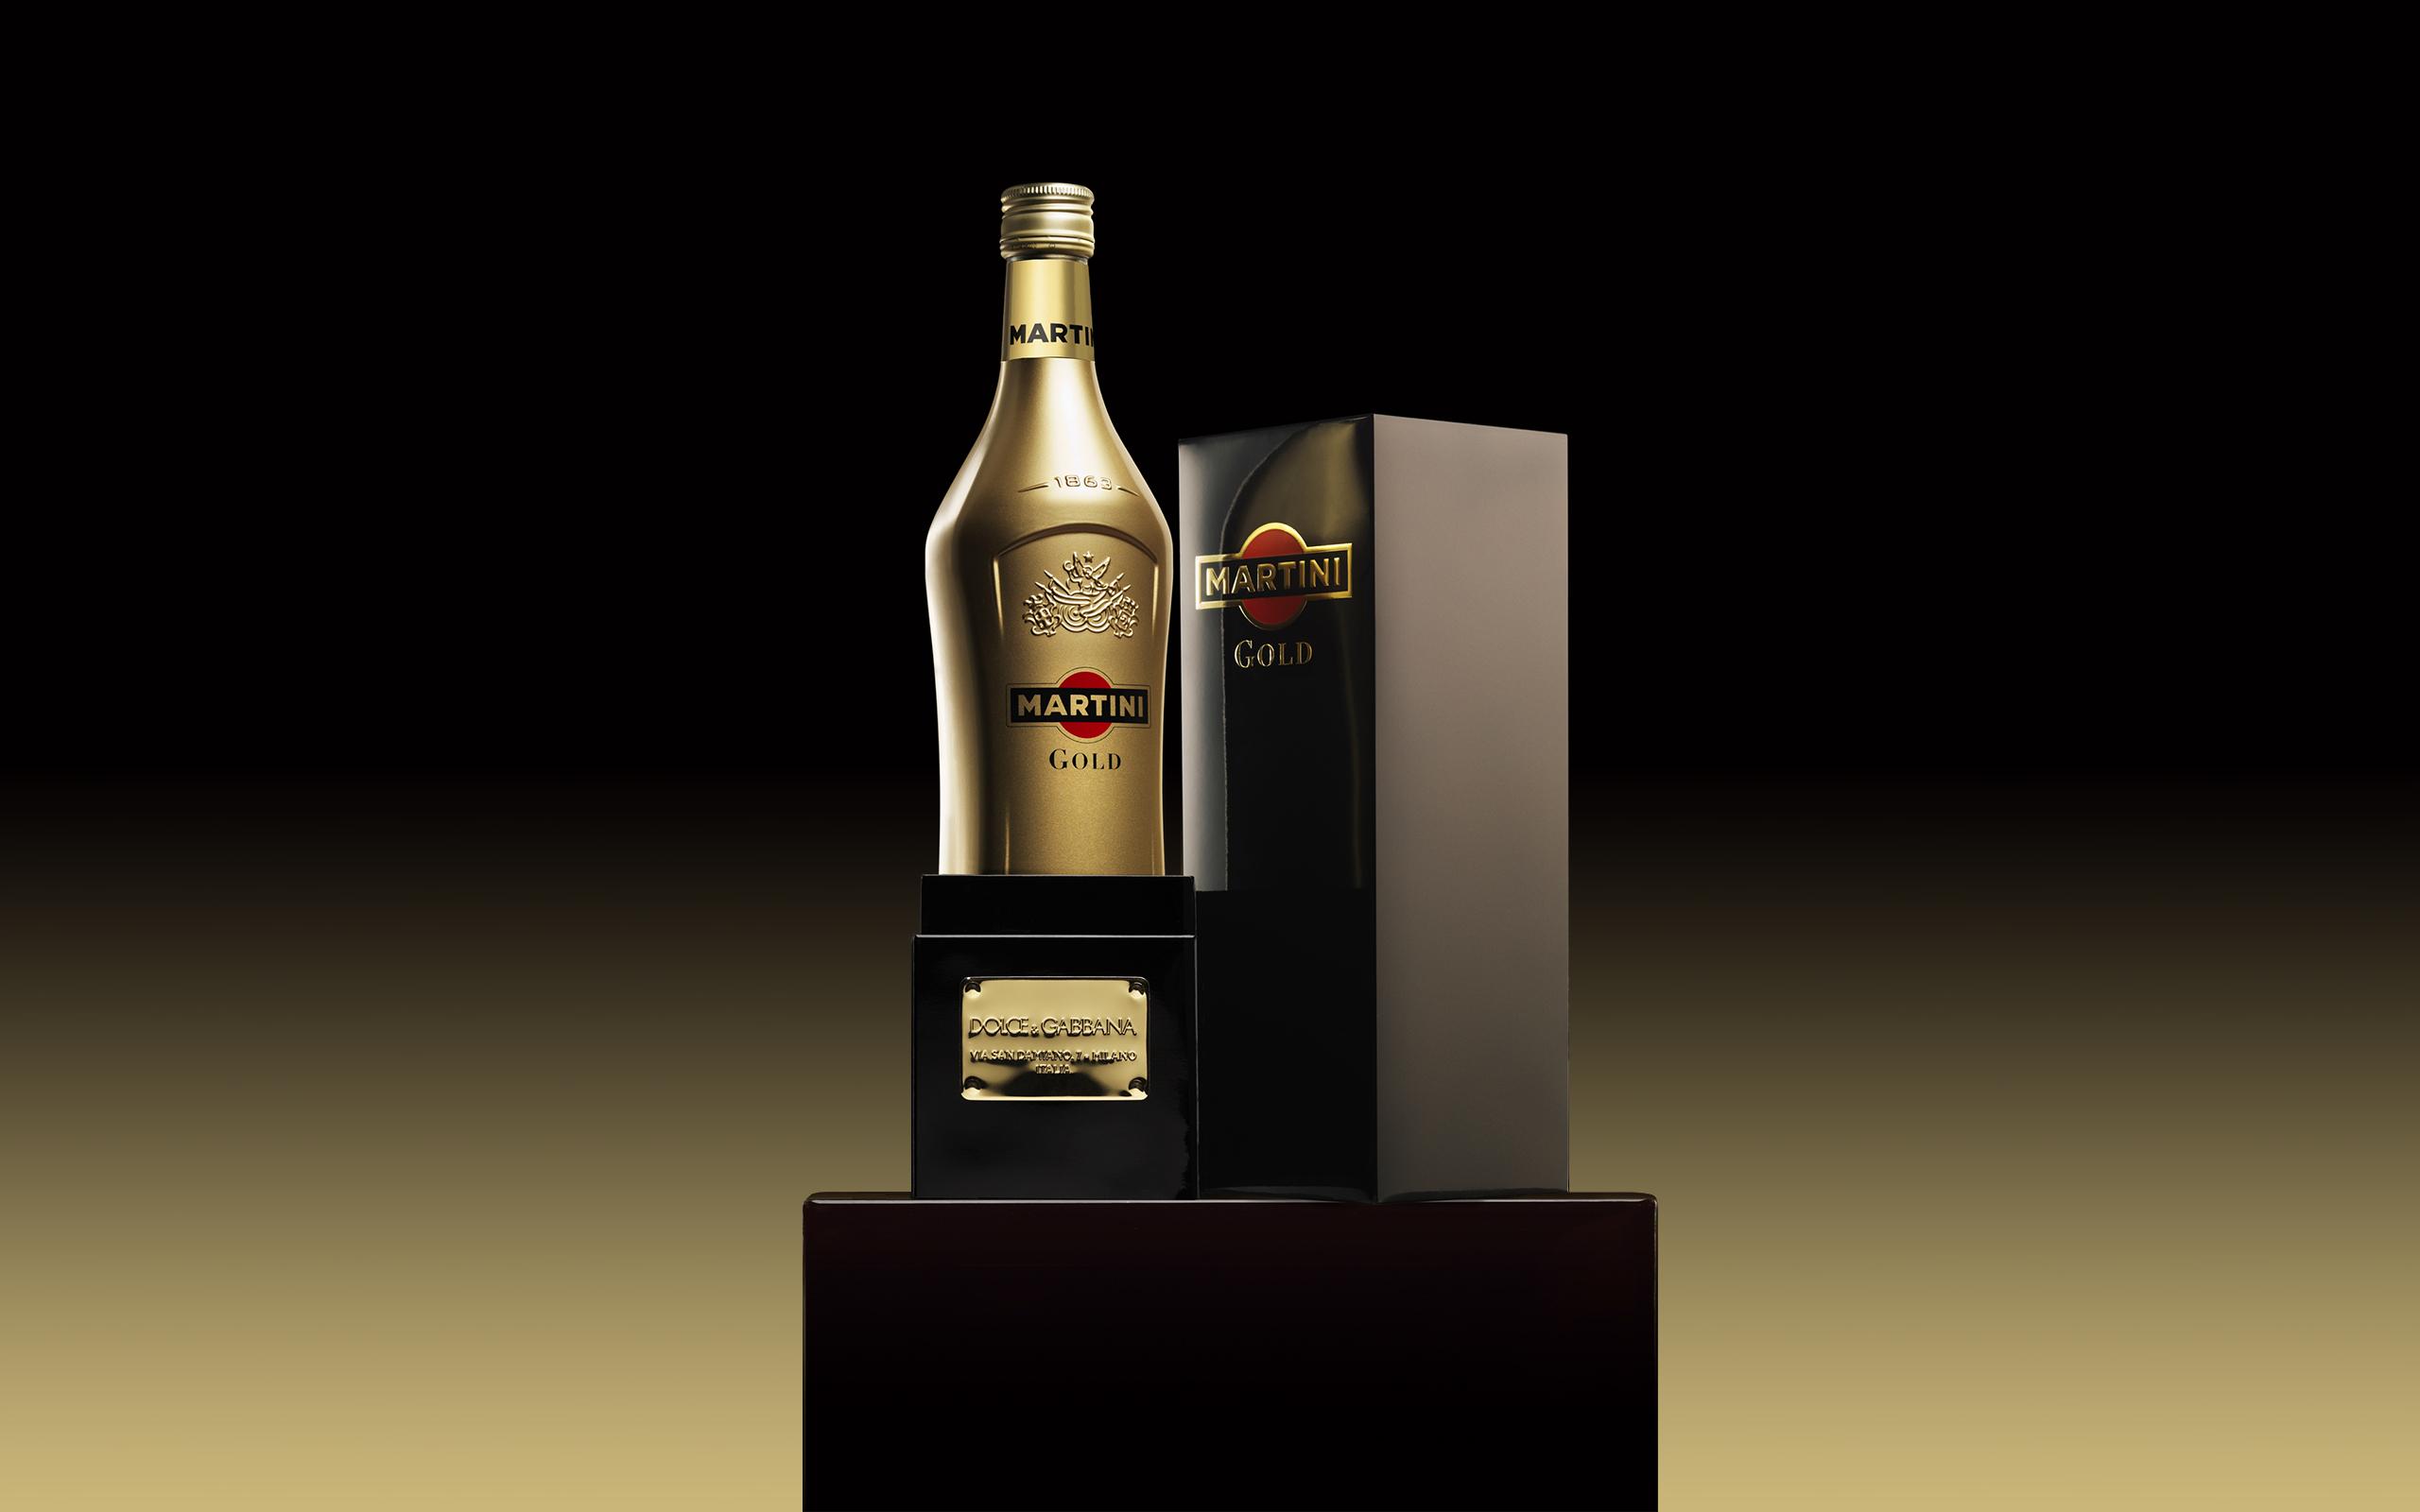 Un Martini Dorado Gold - 2560x1600